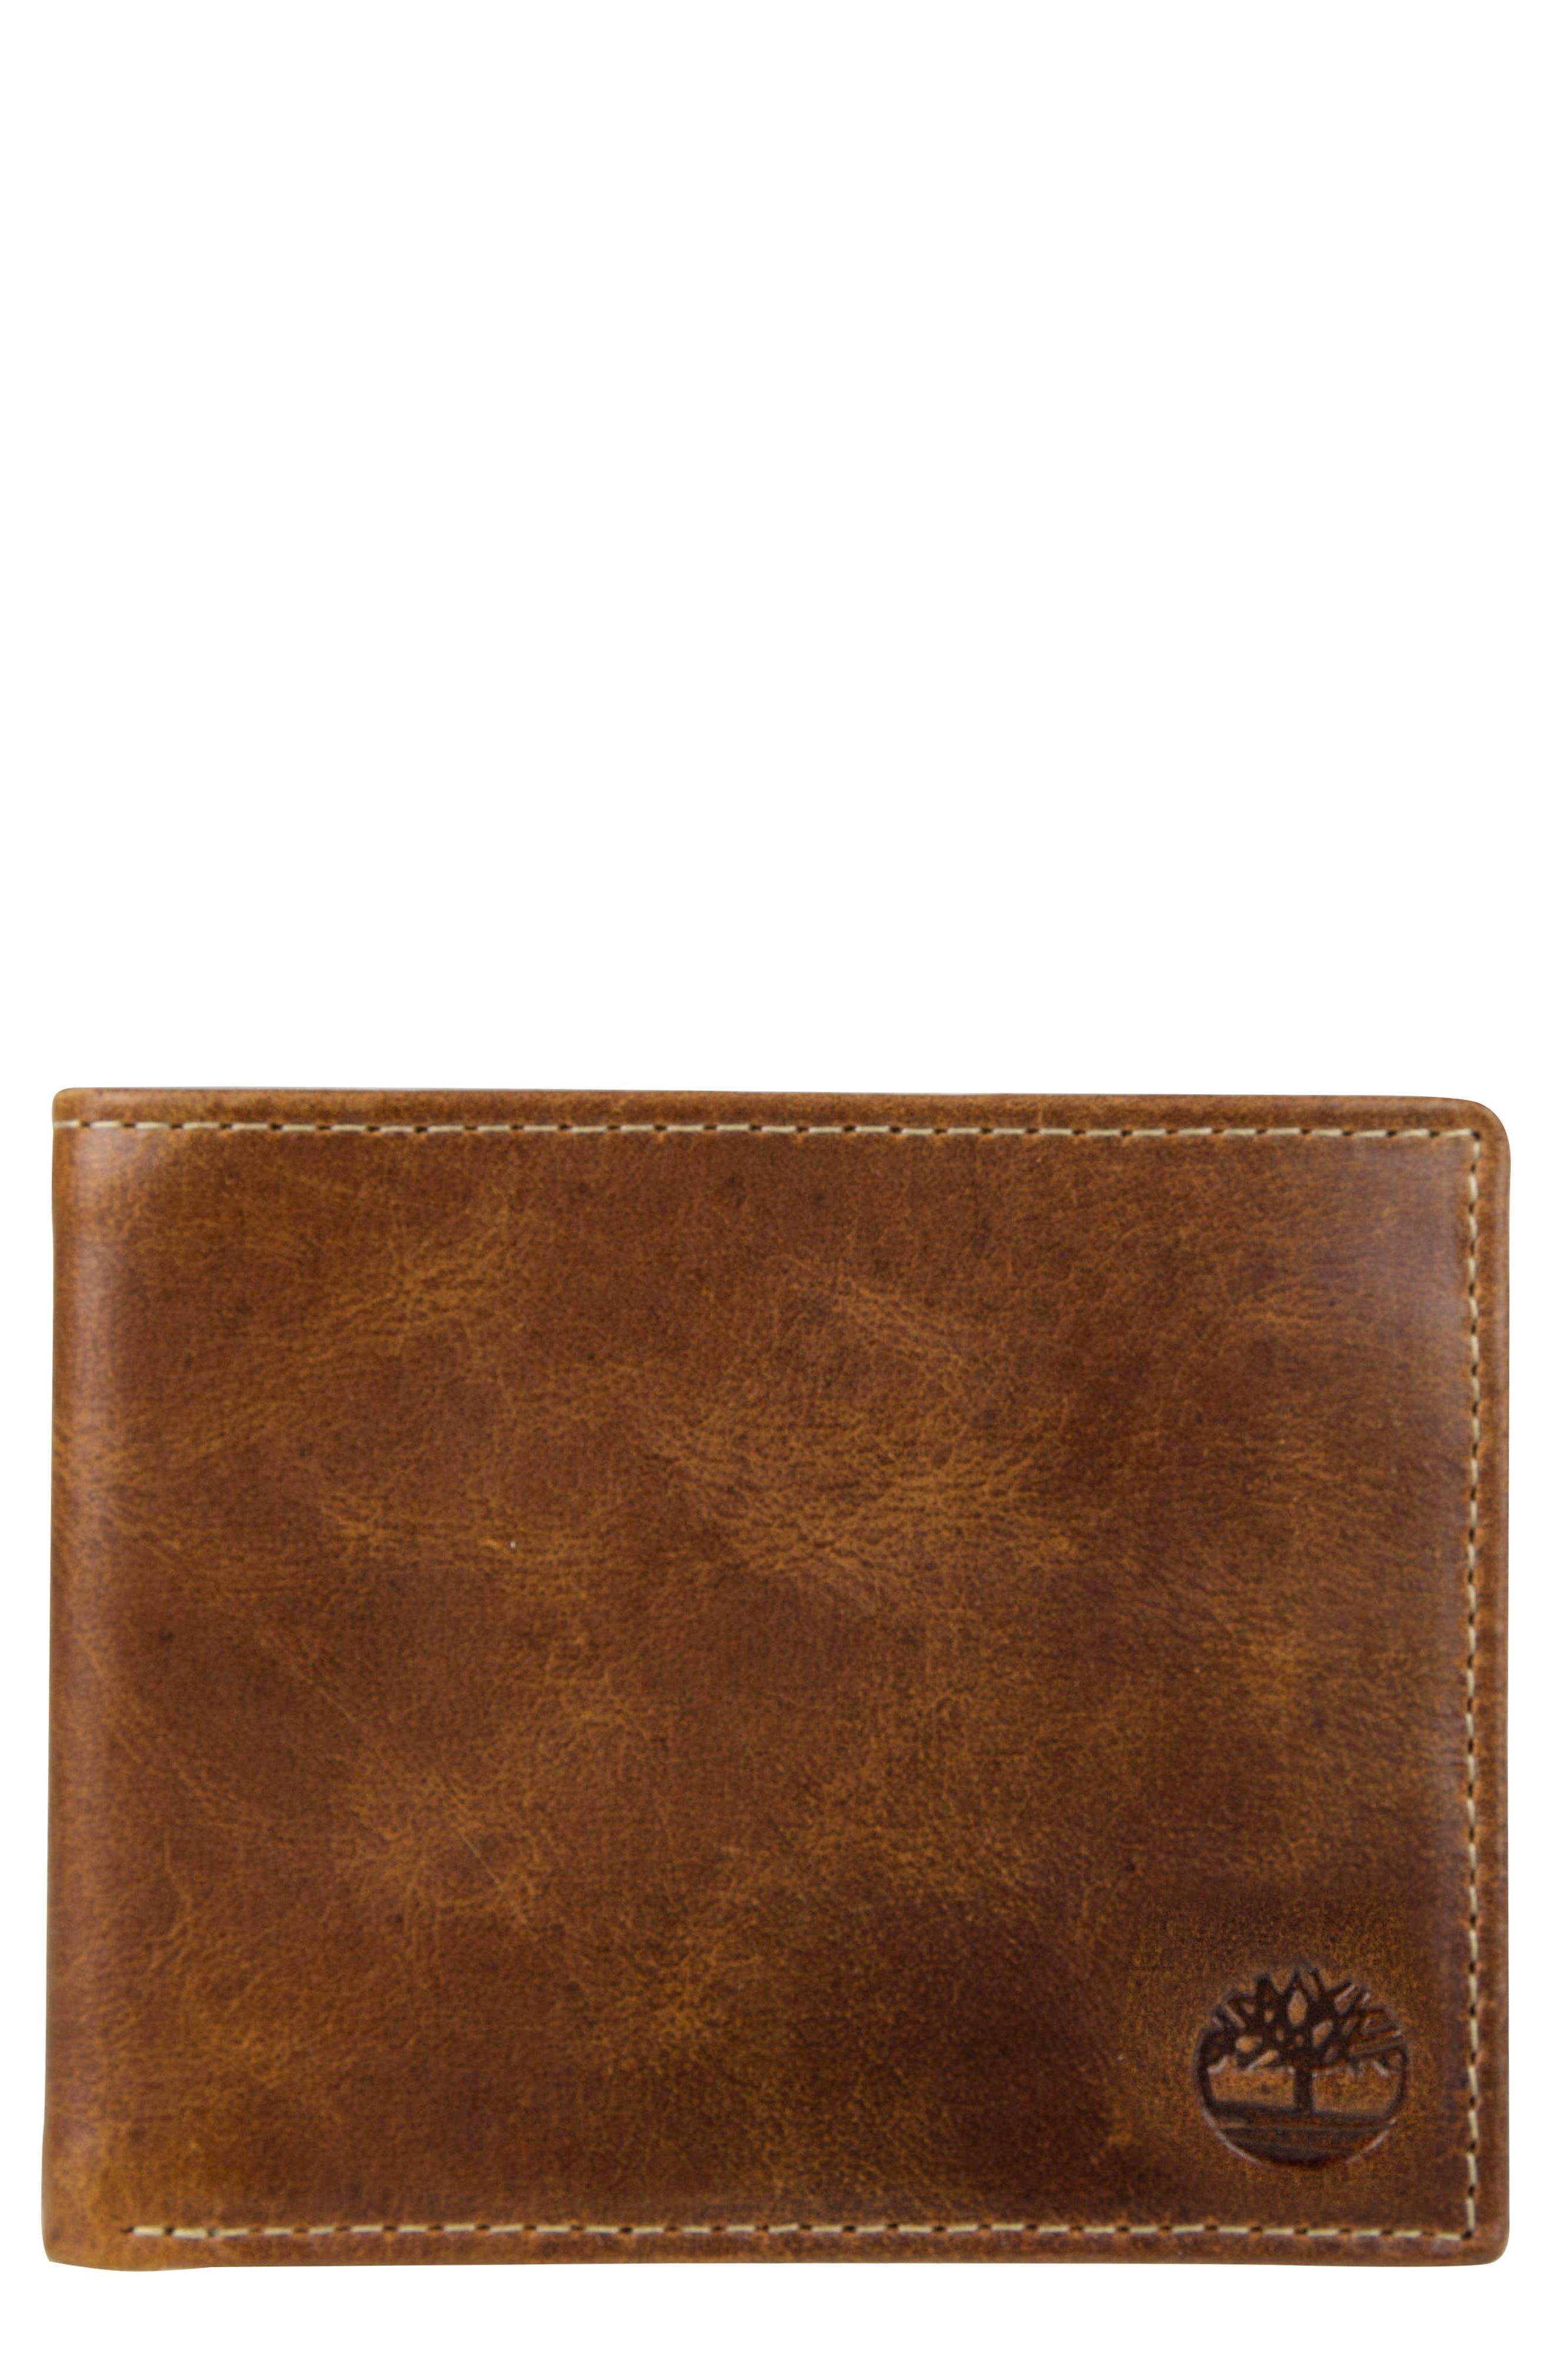 Leather Wallet,                             Main thumbnail 1, color,                             Cognac